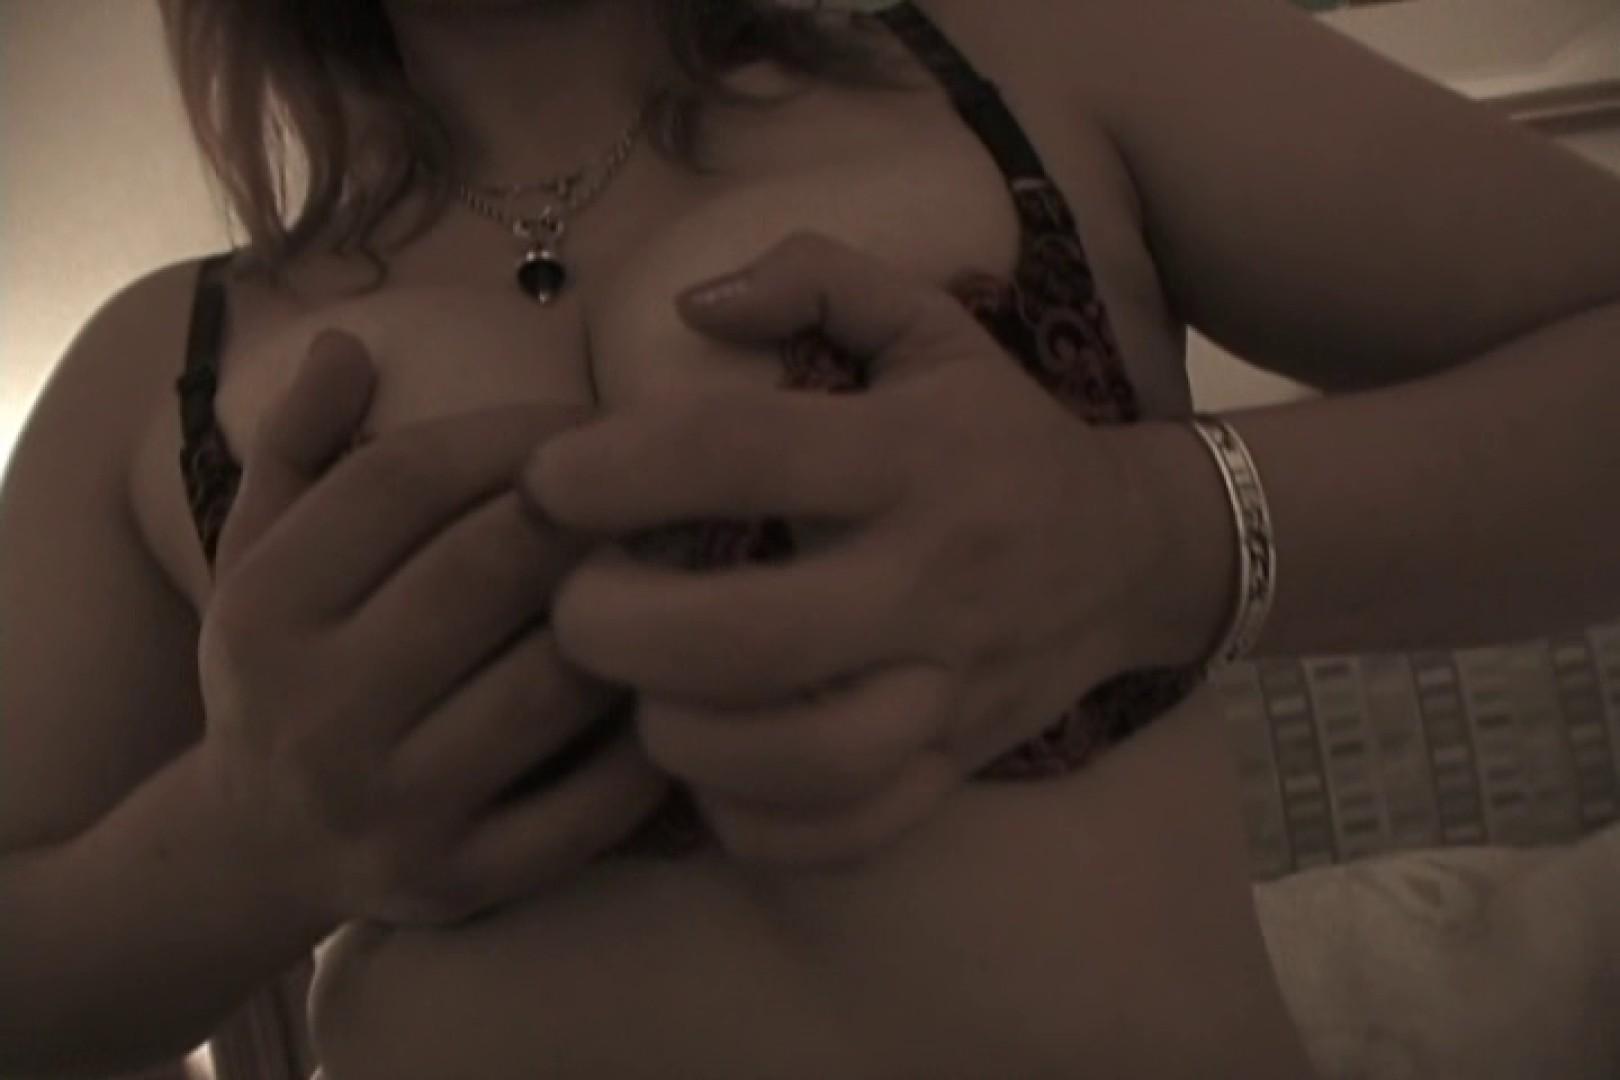 セックスアダルト動画|ツンデレ素人嬢もチンポには弱い~増田あけみ~|大奥